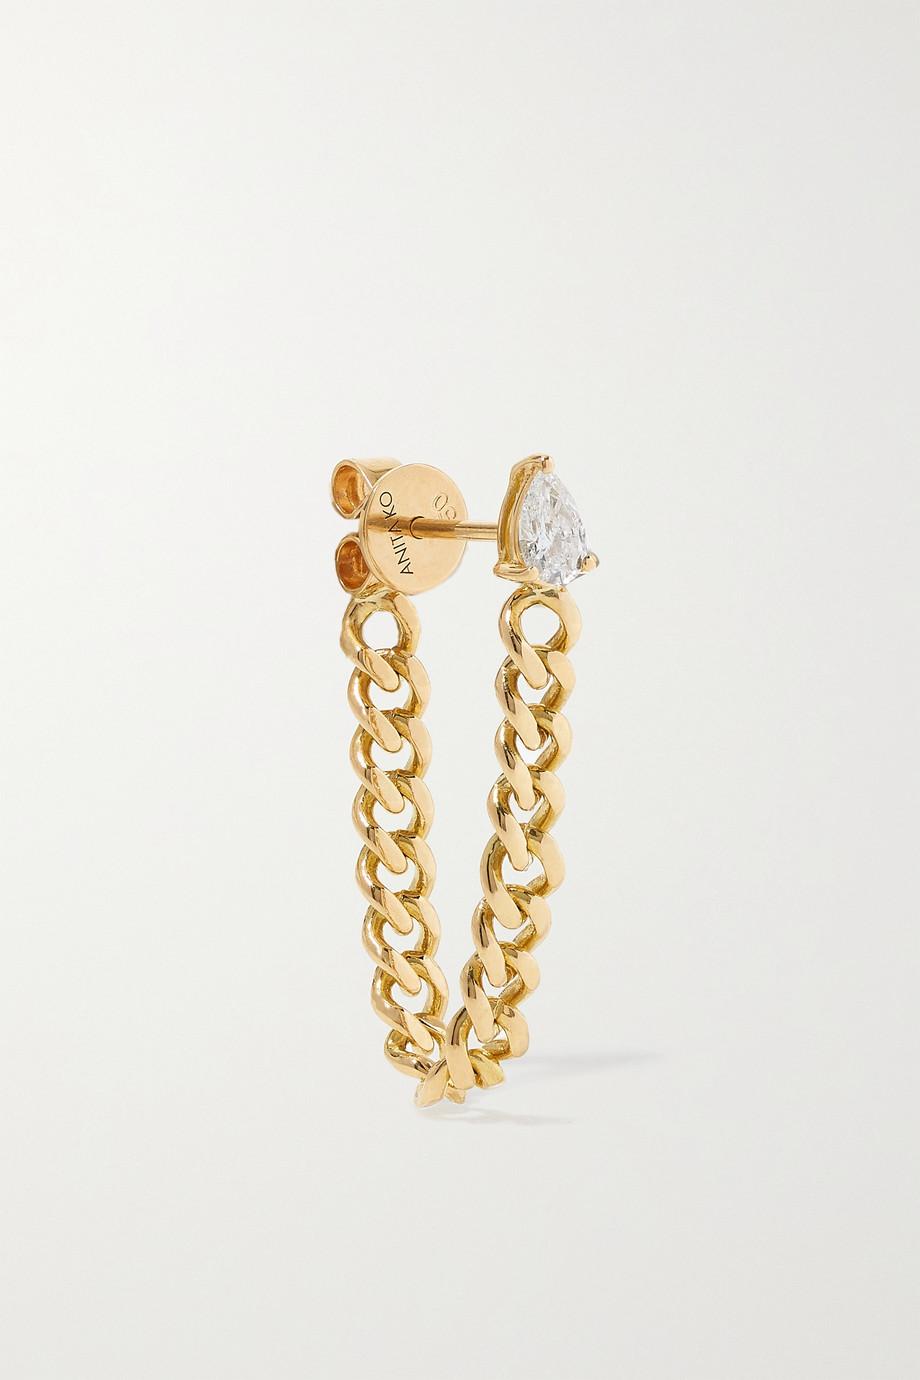 Anita Ko Boucle d'oreille unique en or 18 carats (750/1000) et diamant